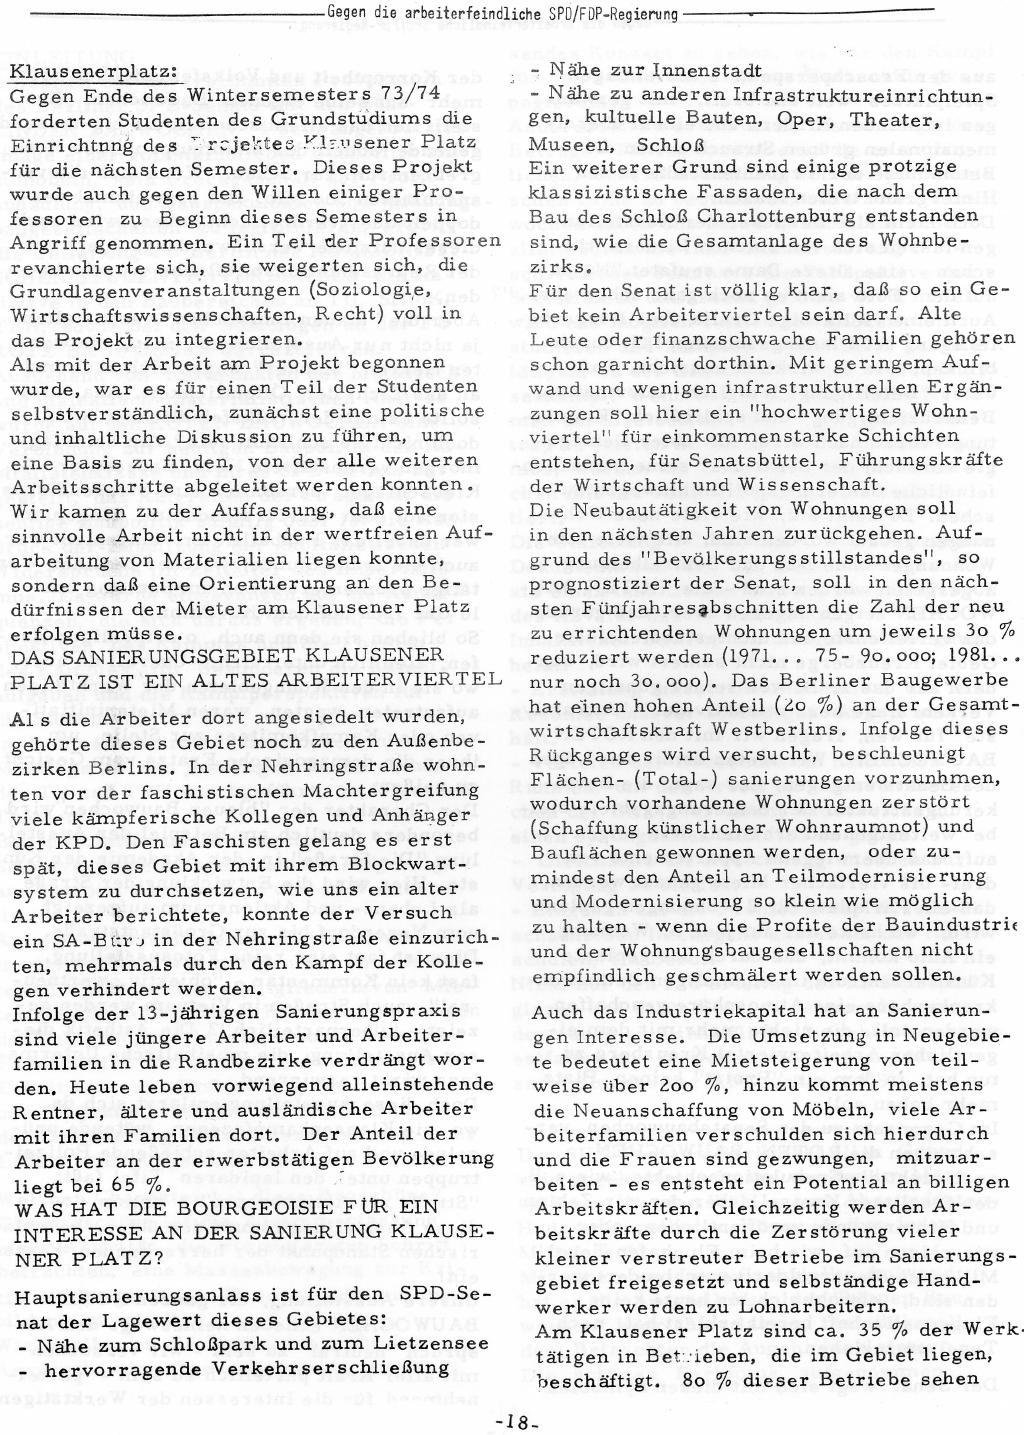 RPK_1974_26_27_18